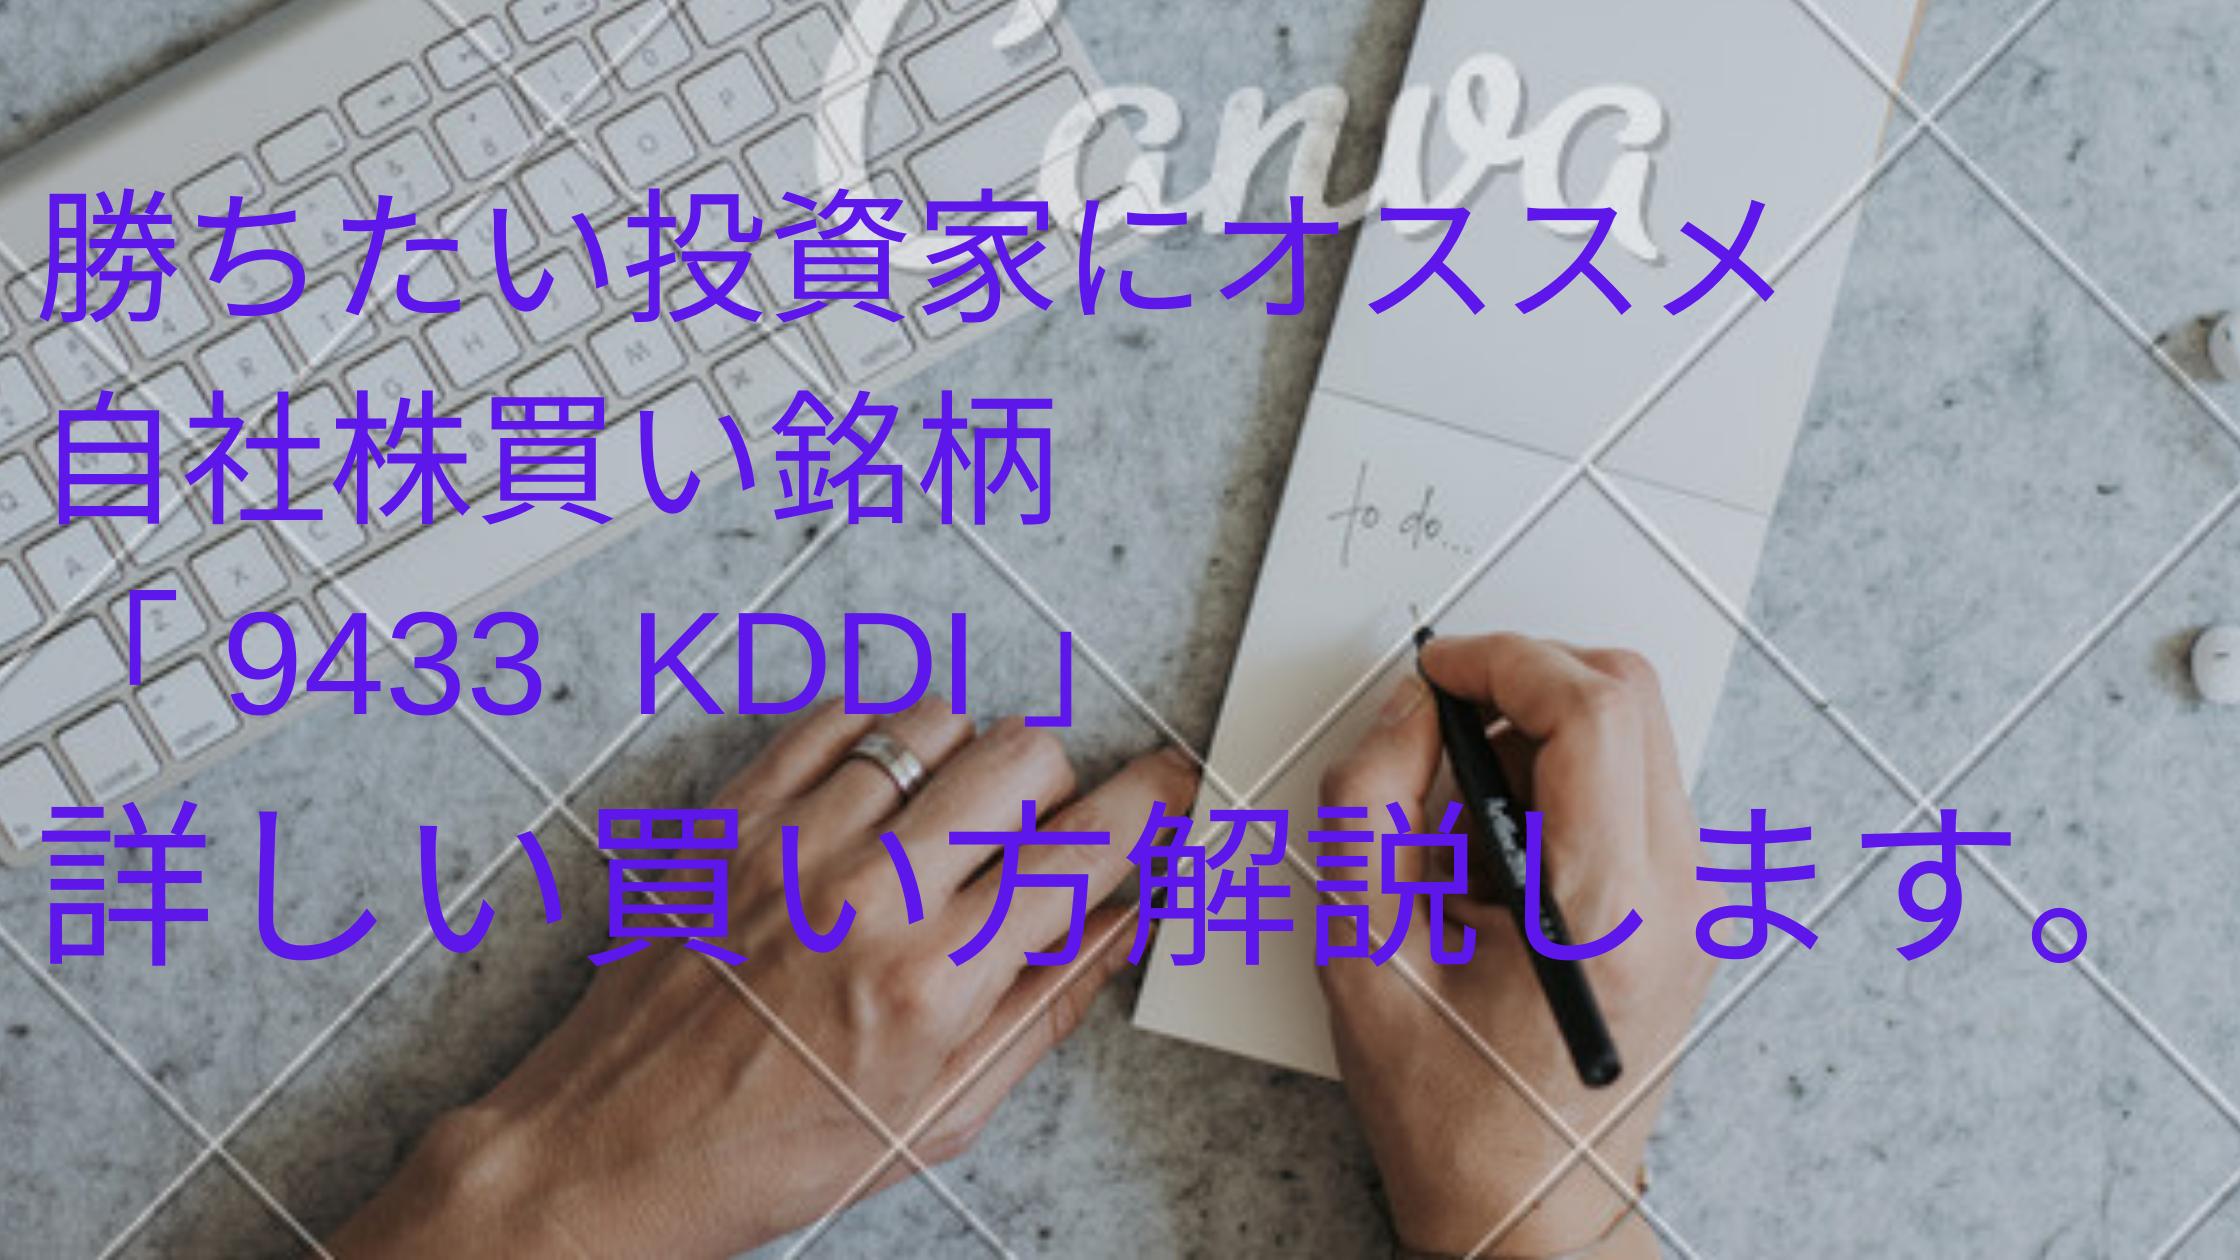 勝ちたい投資家にオススメ 自社株買い銘柄 「 9433 KDDI 」 詳しい買い方解説します。